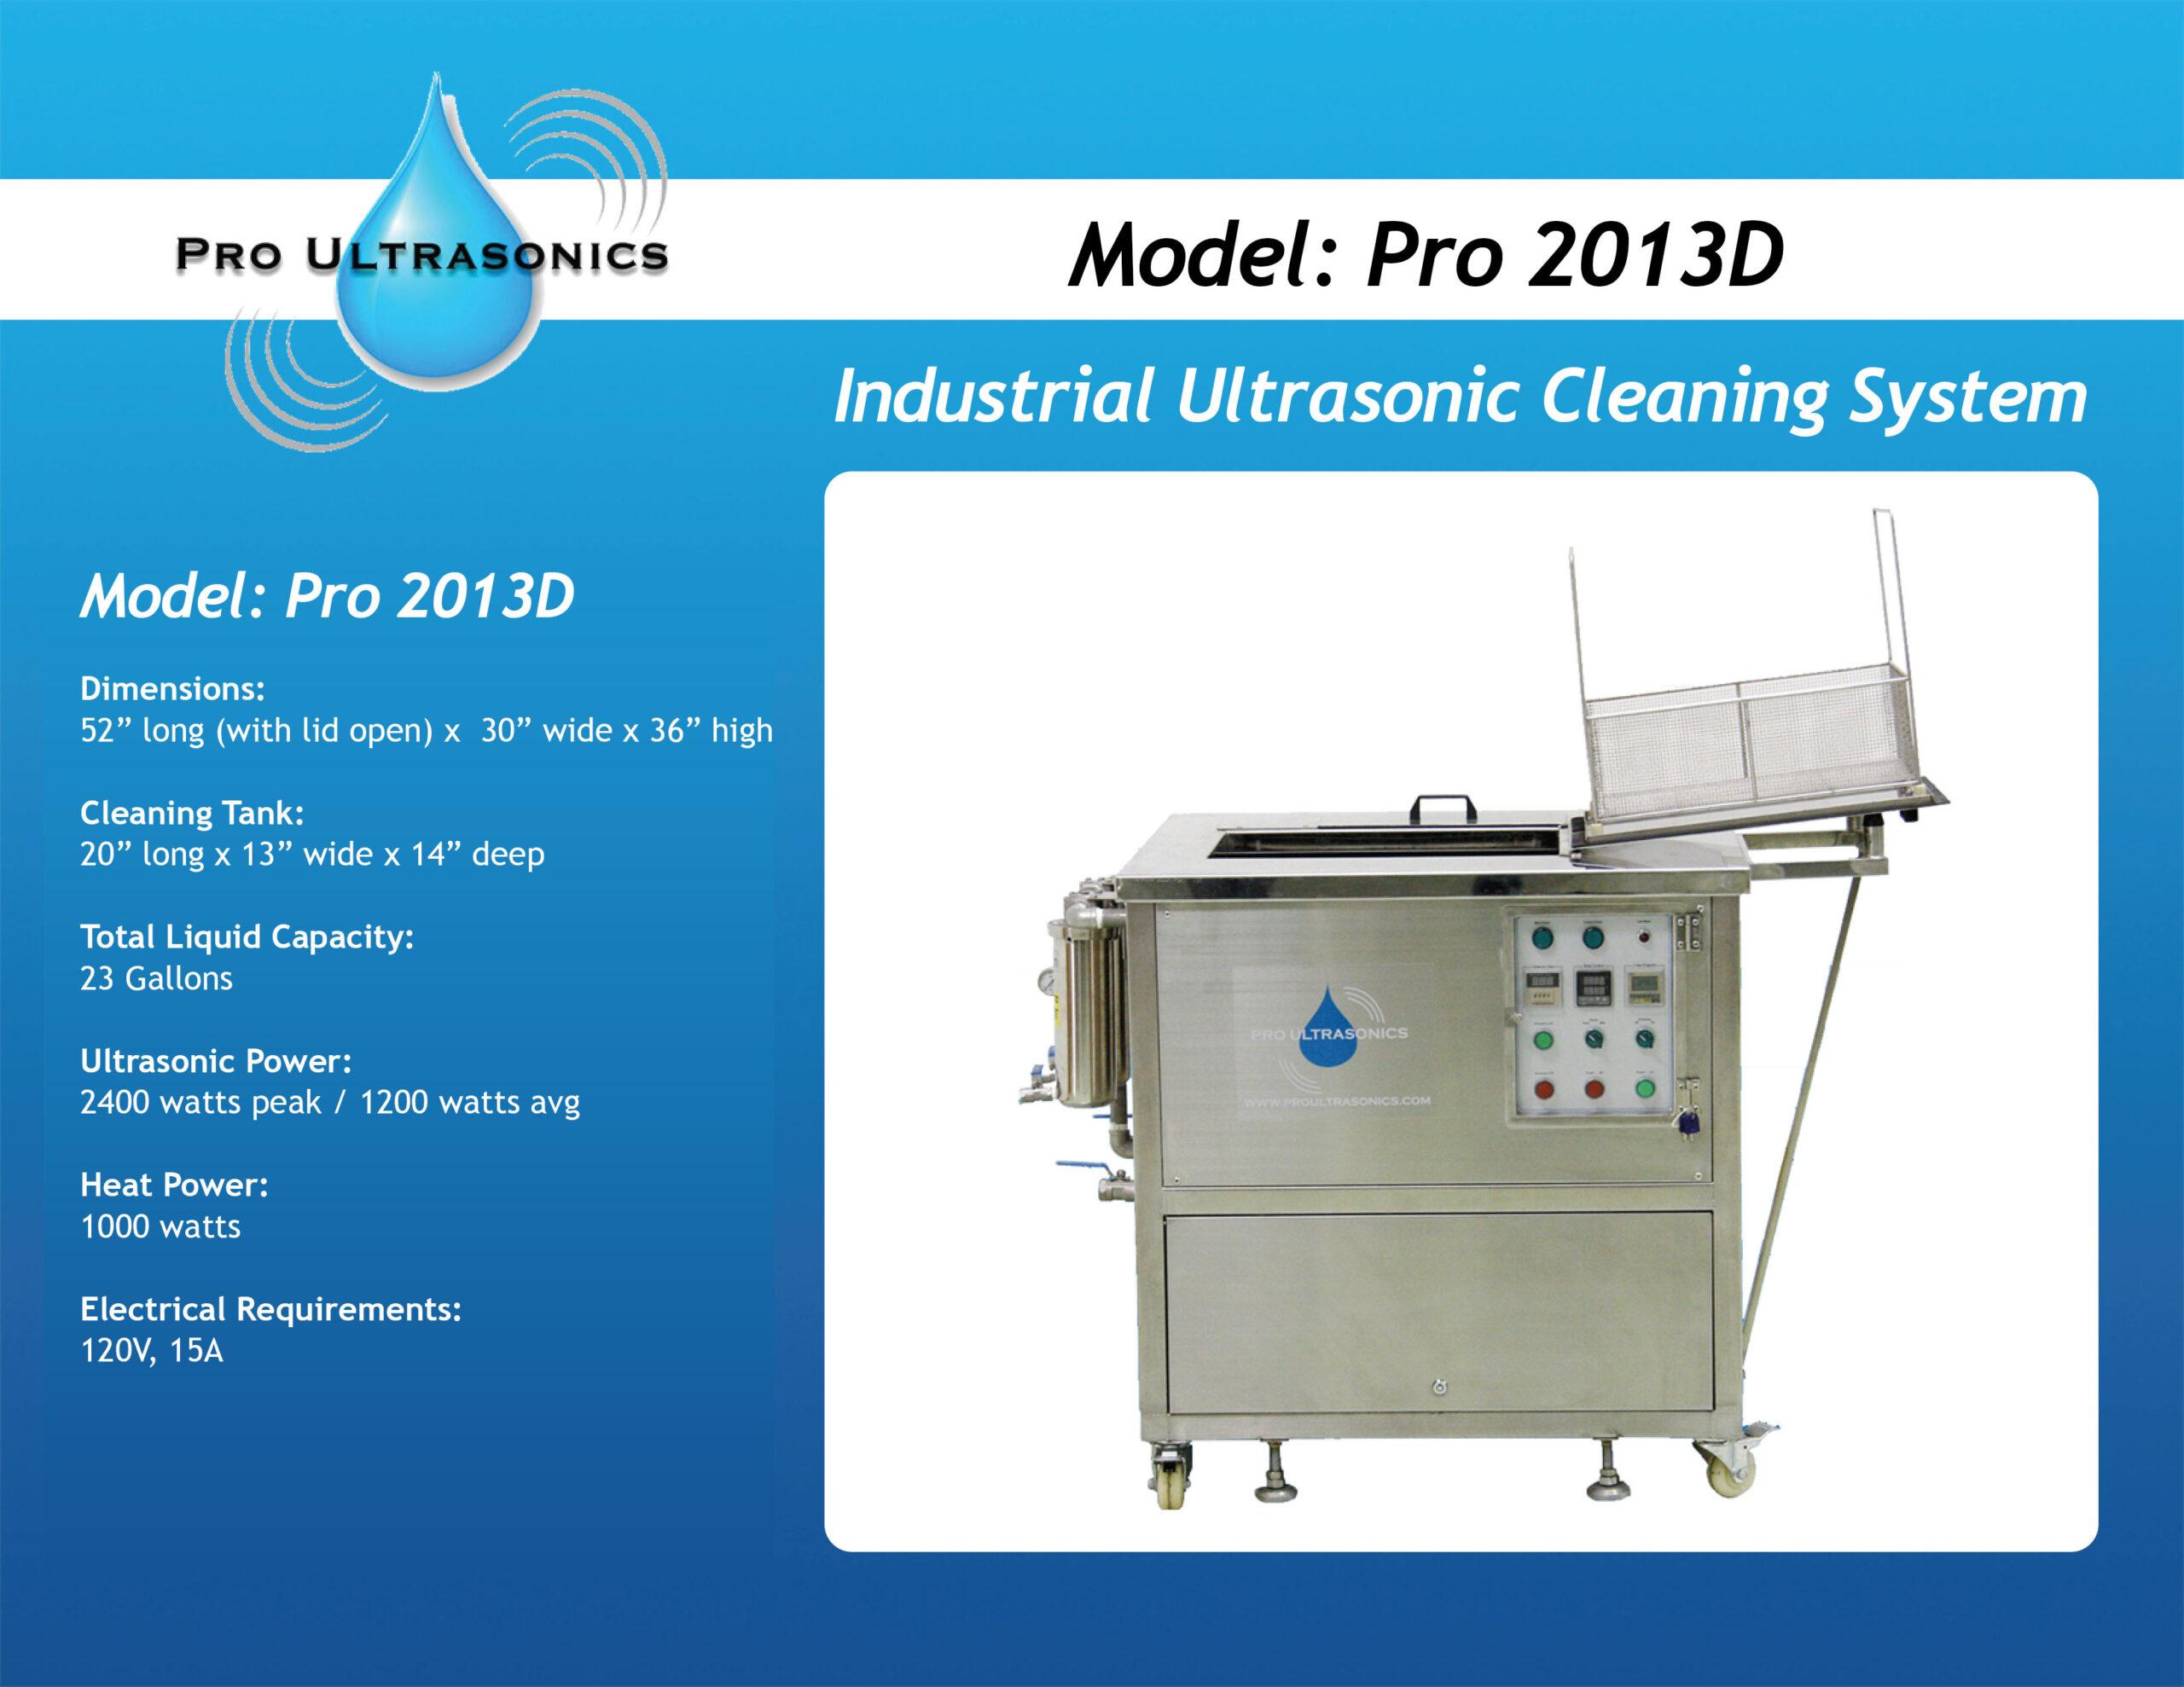 Pro 2013D